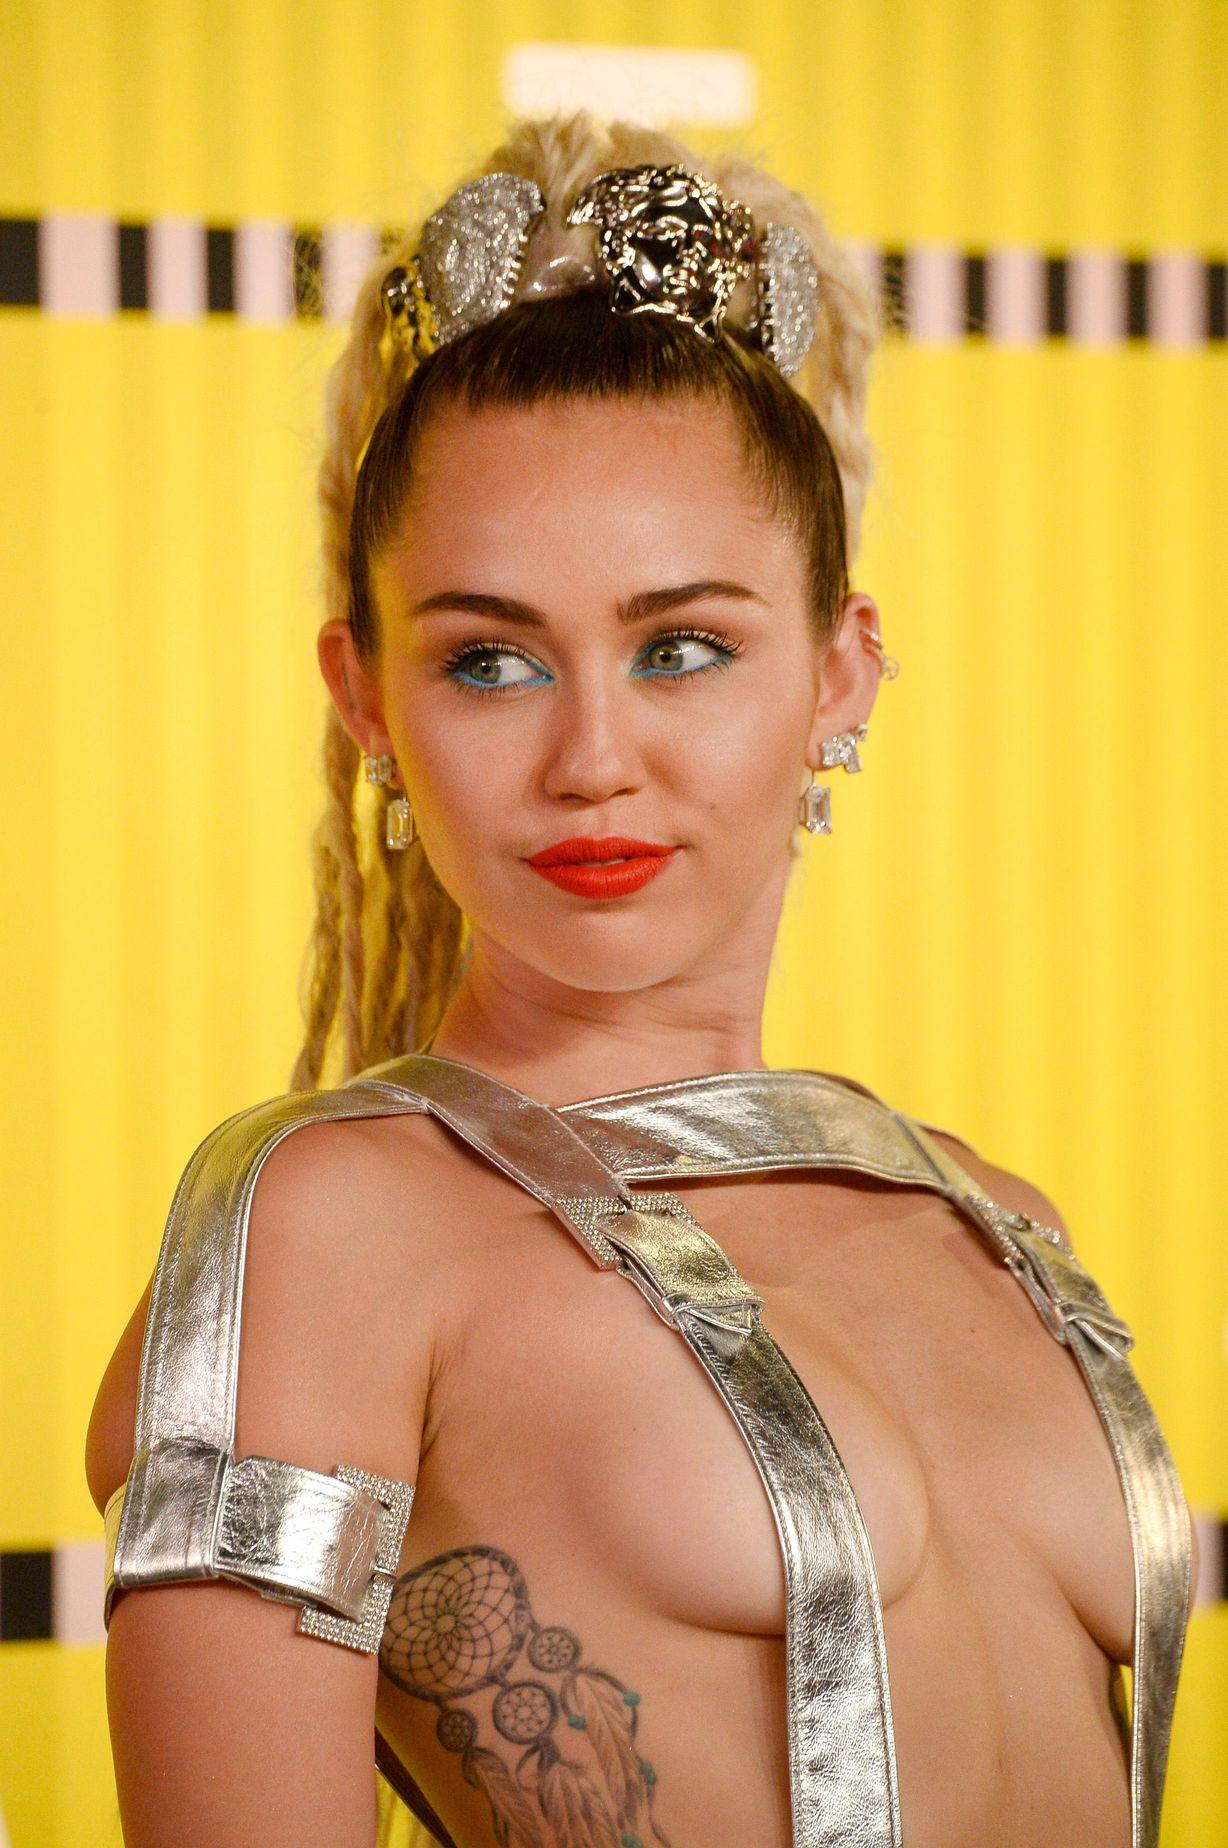 Güzel şarkıcı Miley Cyrus sütyensiz aşırı sexy giyimiyle yürekleri ağza getirtti. İşte o erotik pozlar. En seksi ünlü kadınların fotolarını görüntülemek için tıklayın.